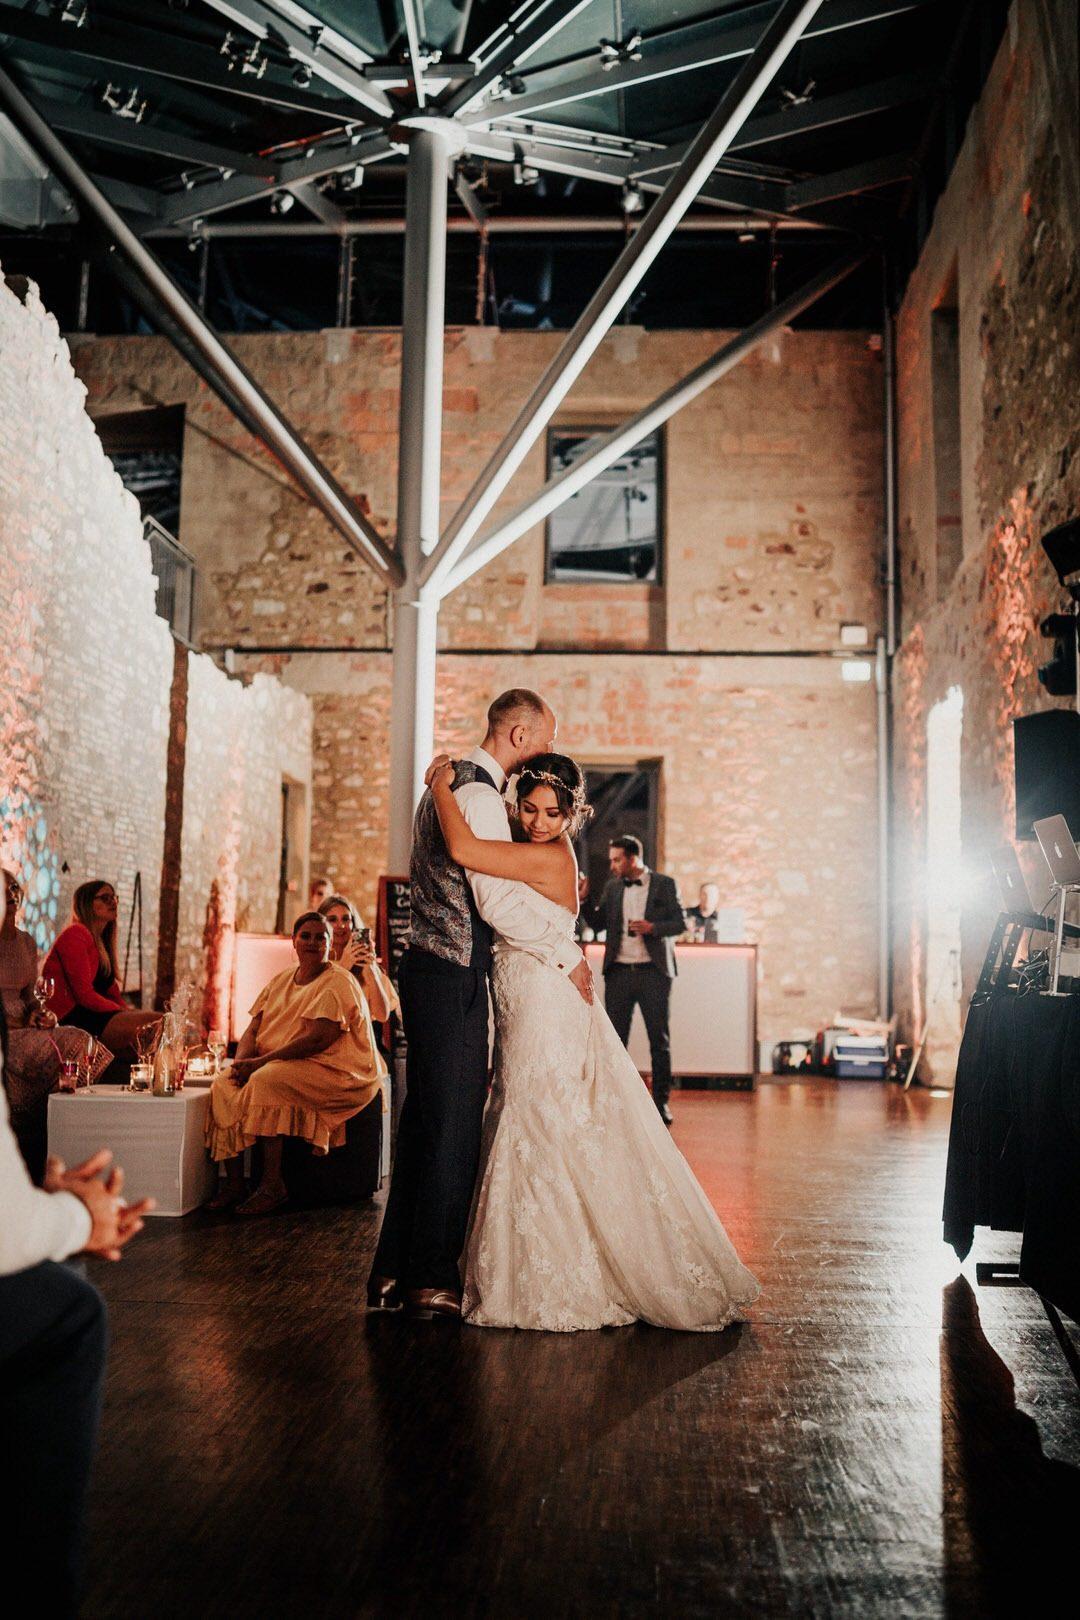 Der Hochzeitstanz bei einer Boho-Hochzeit als Eröffnungstanz für die Party im Jagdschloss Platte in Wiesbaden